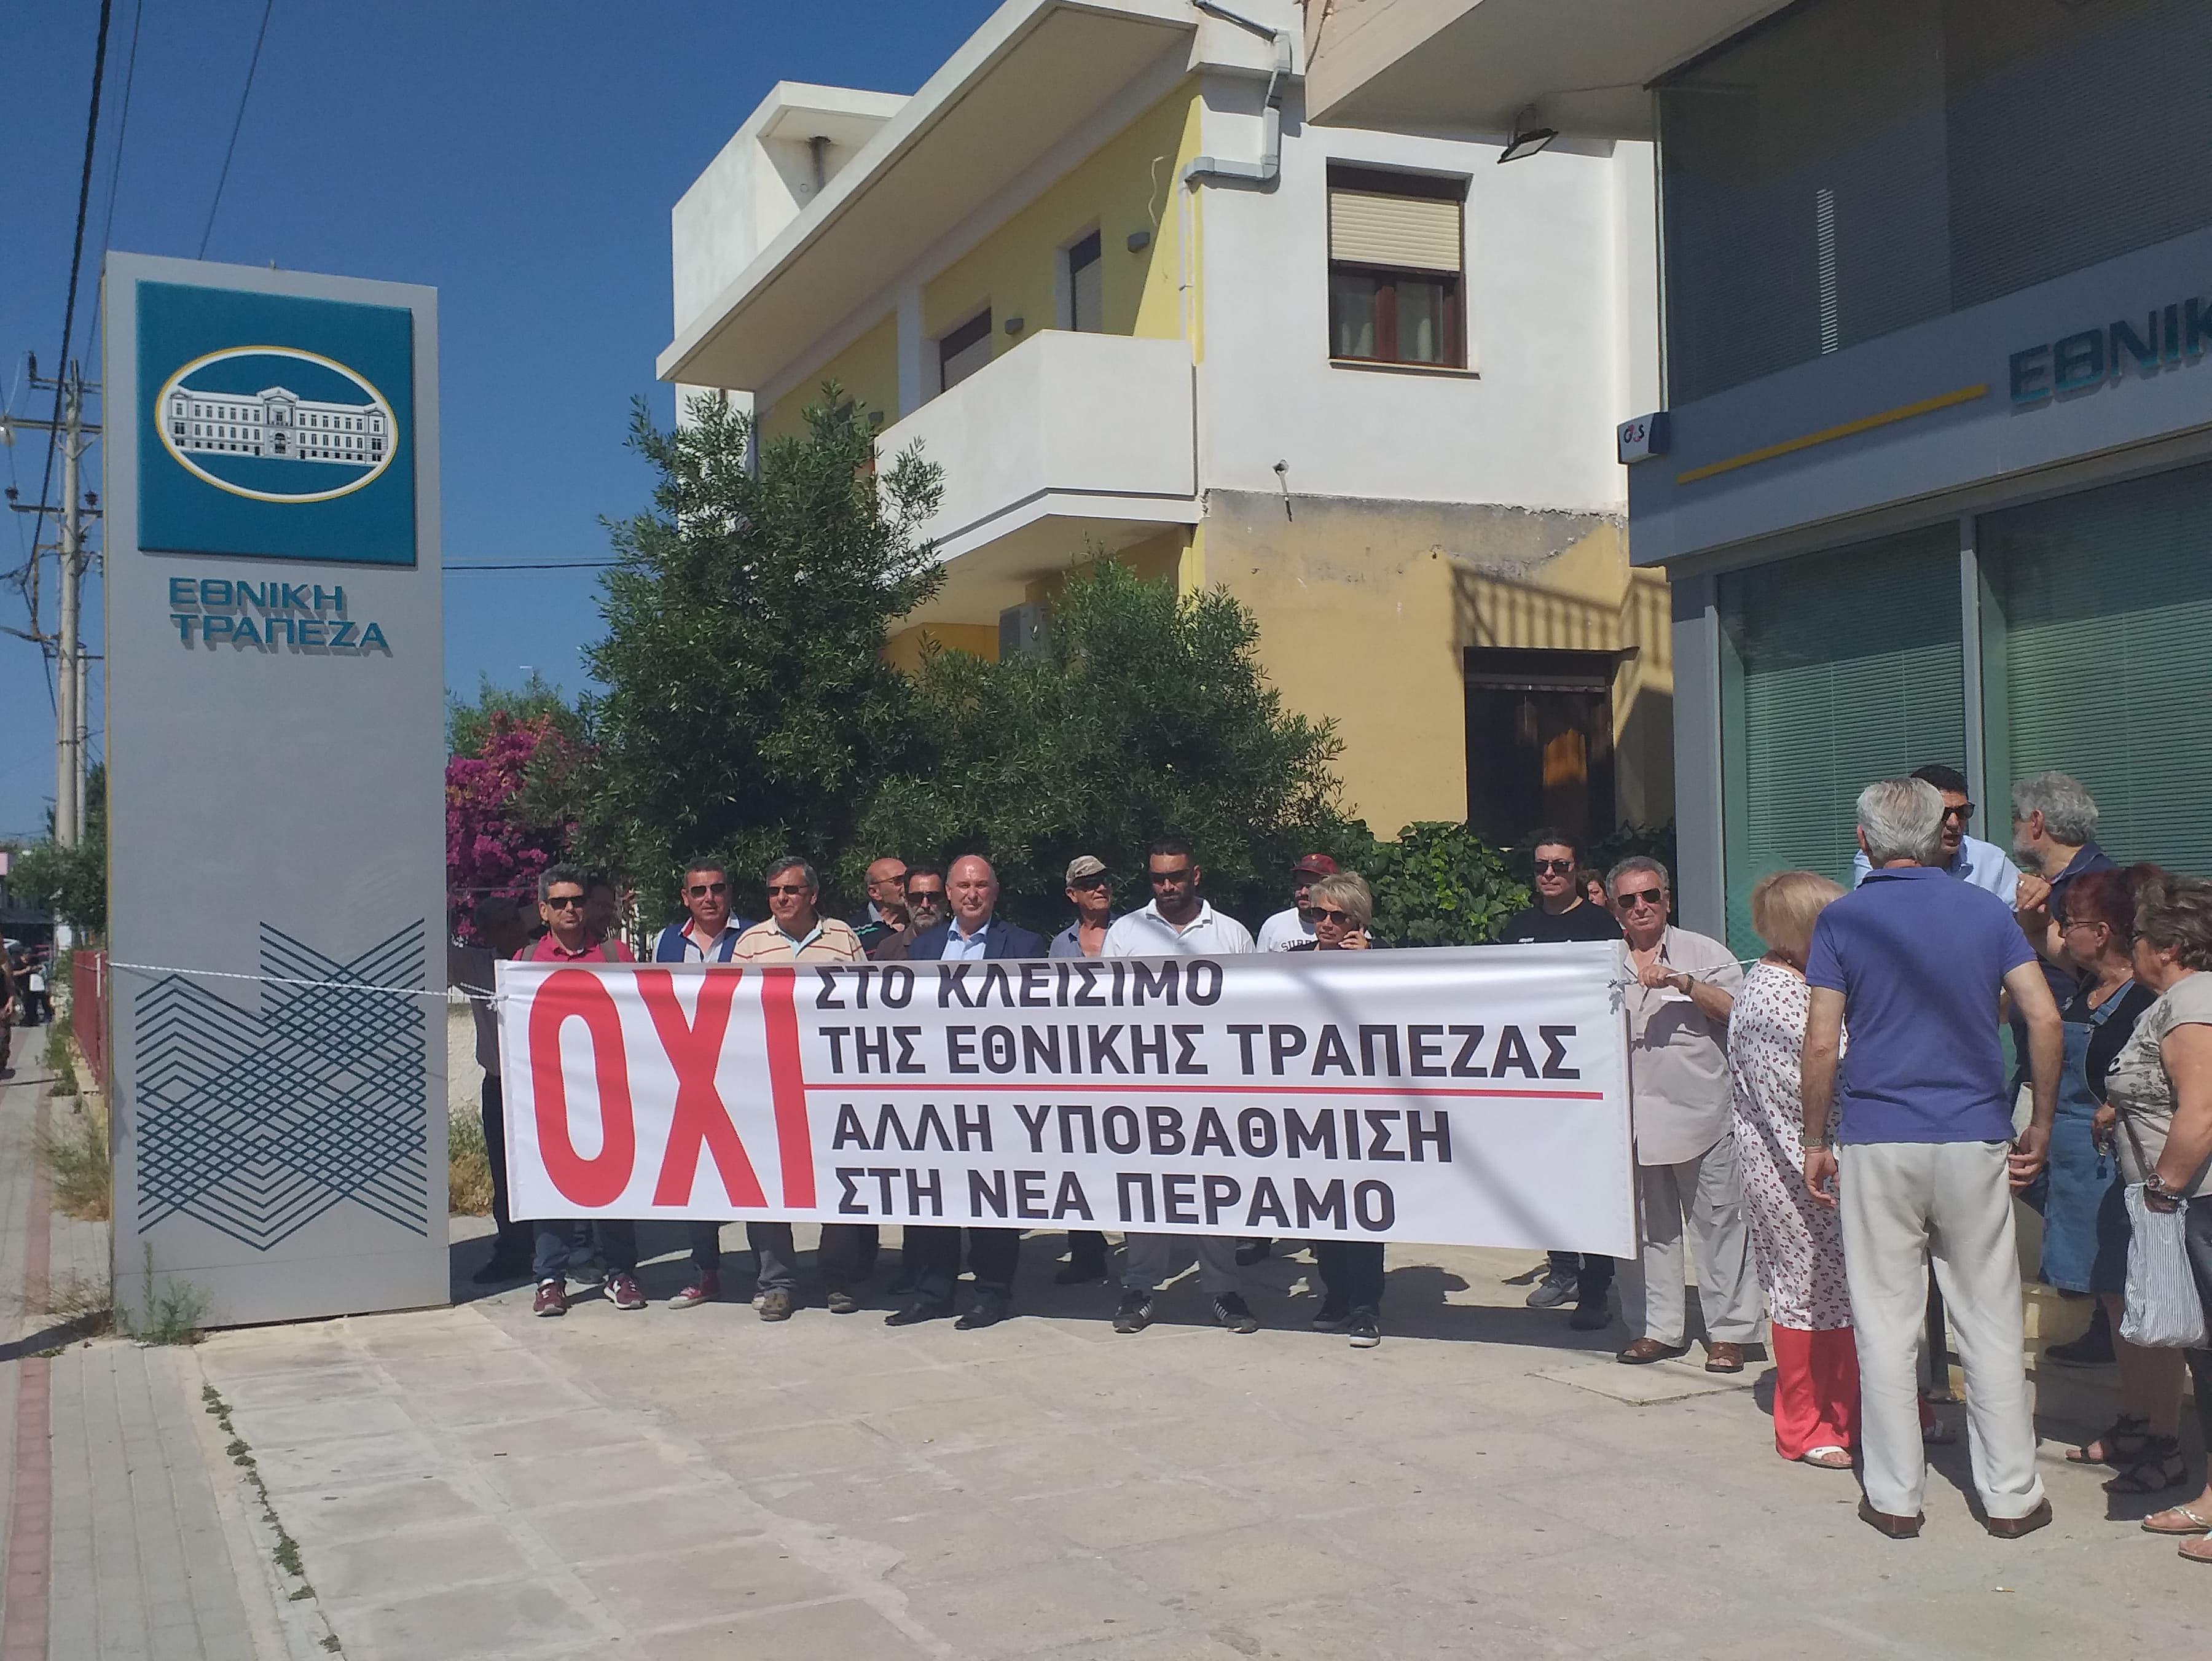 Όχι στο κλείσιμο της Εθνικής Τράπεζας Ν. Περάμου